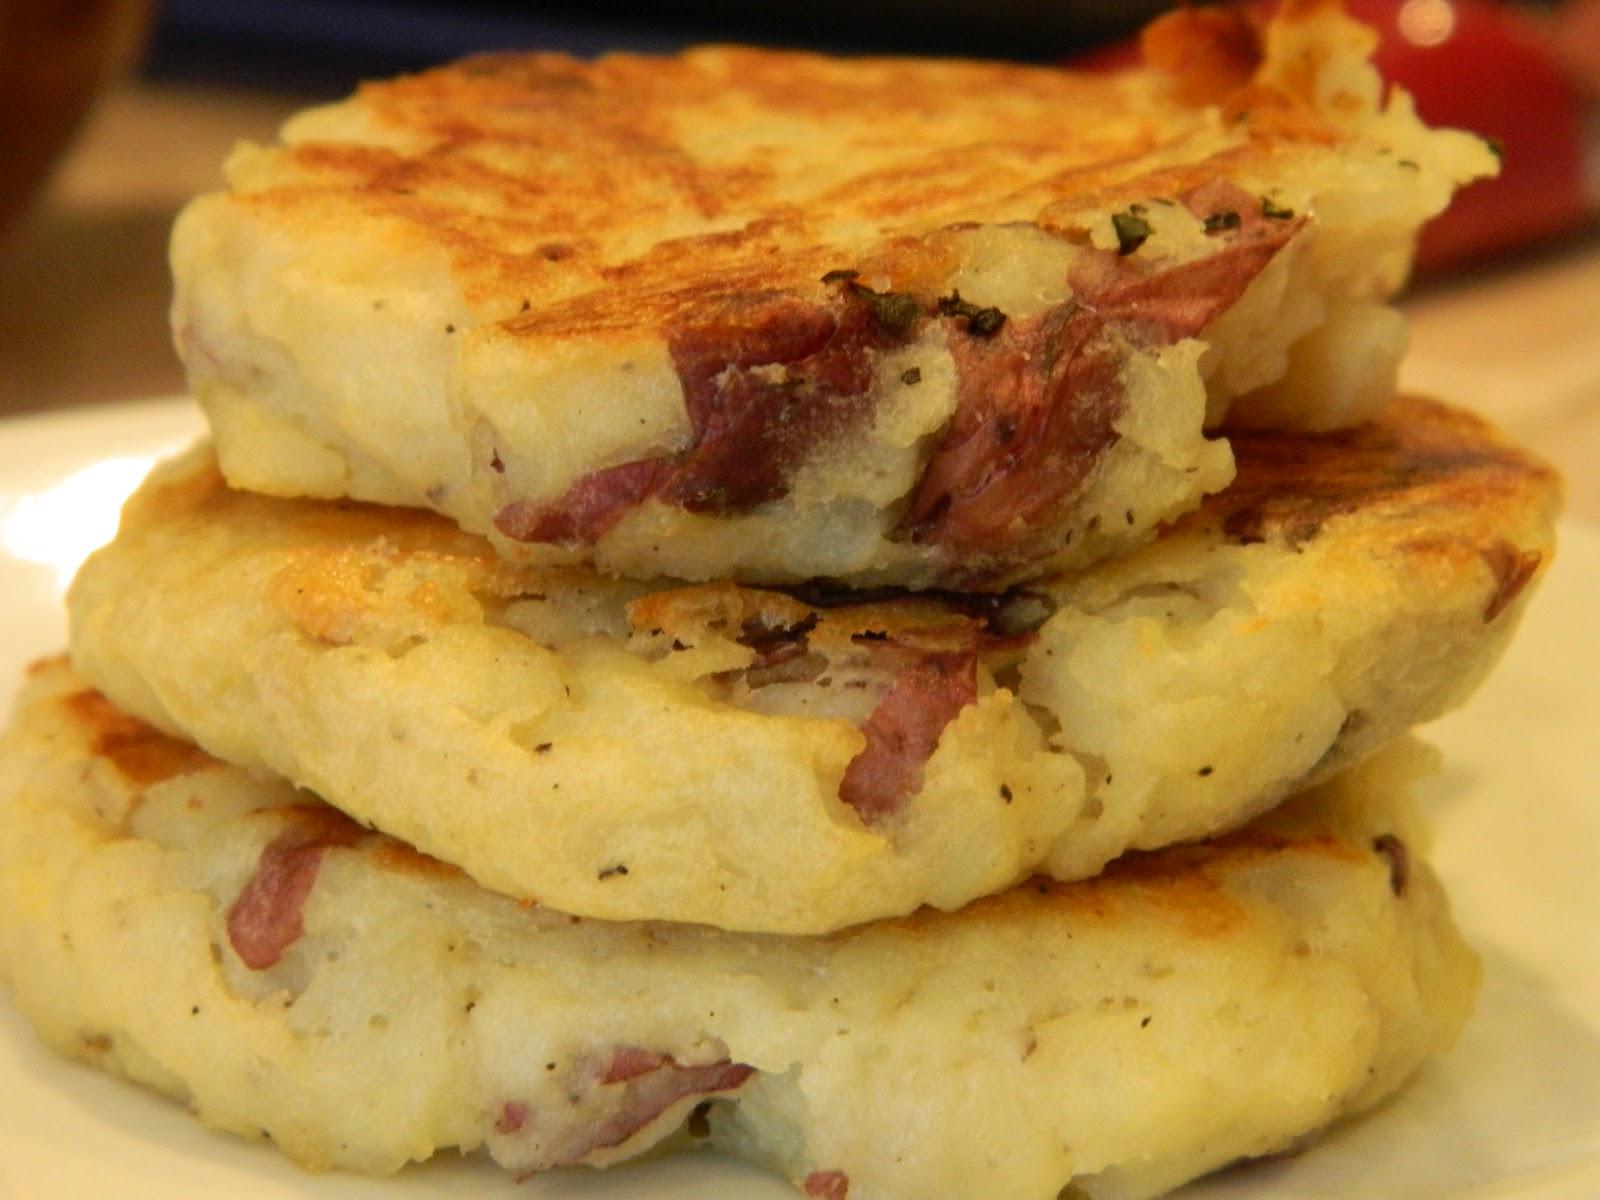 Primal Bites: Grandma's Potato Cakes